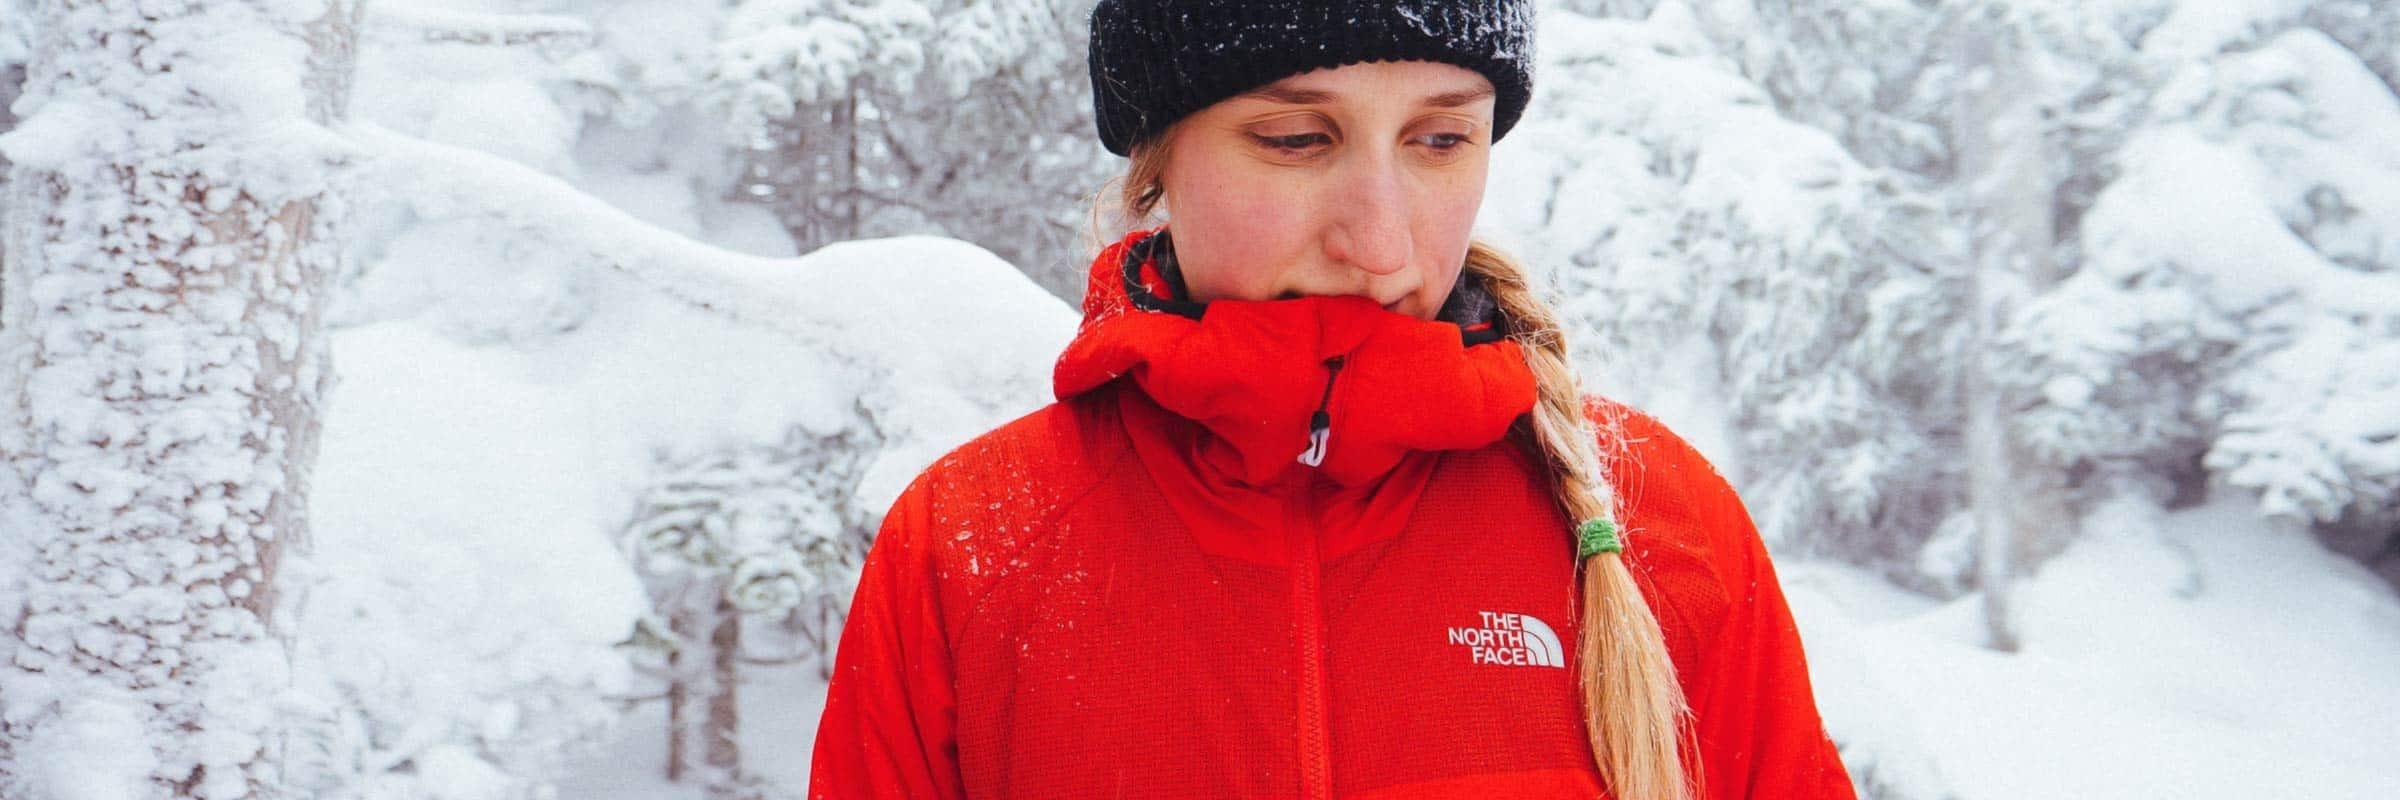 Revue du manteau à capuchon Ventrix Summit L3 Femme par The North Face